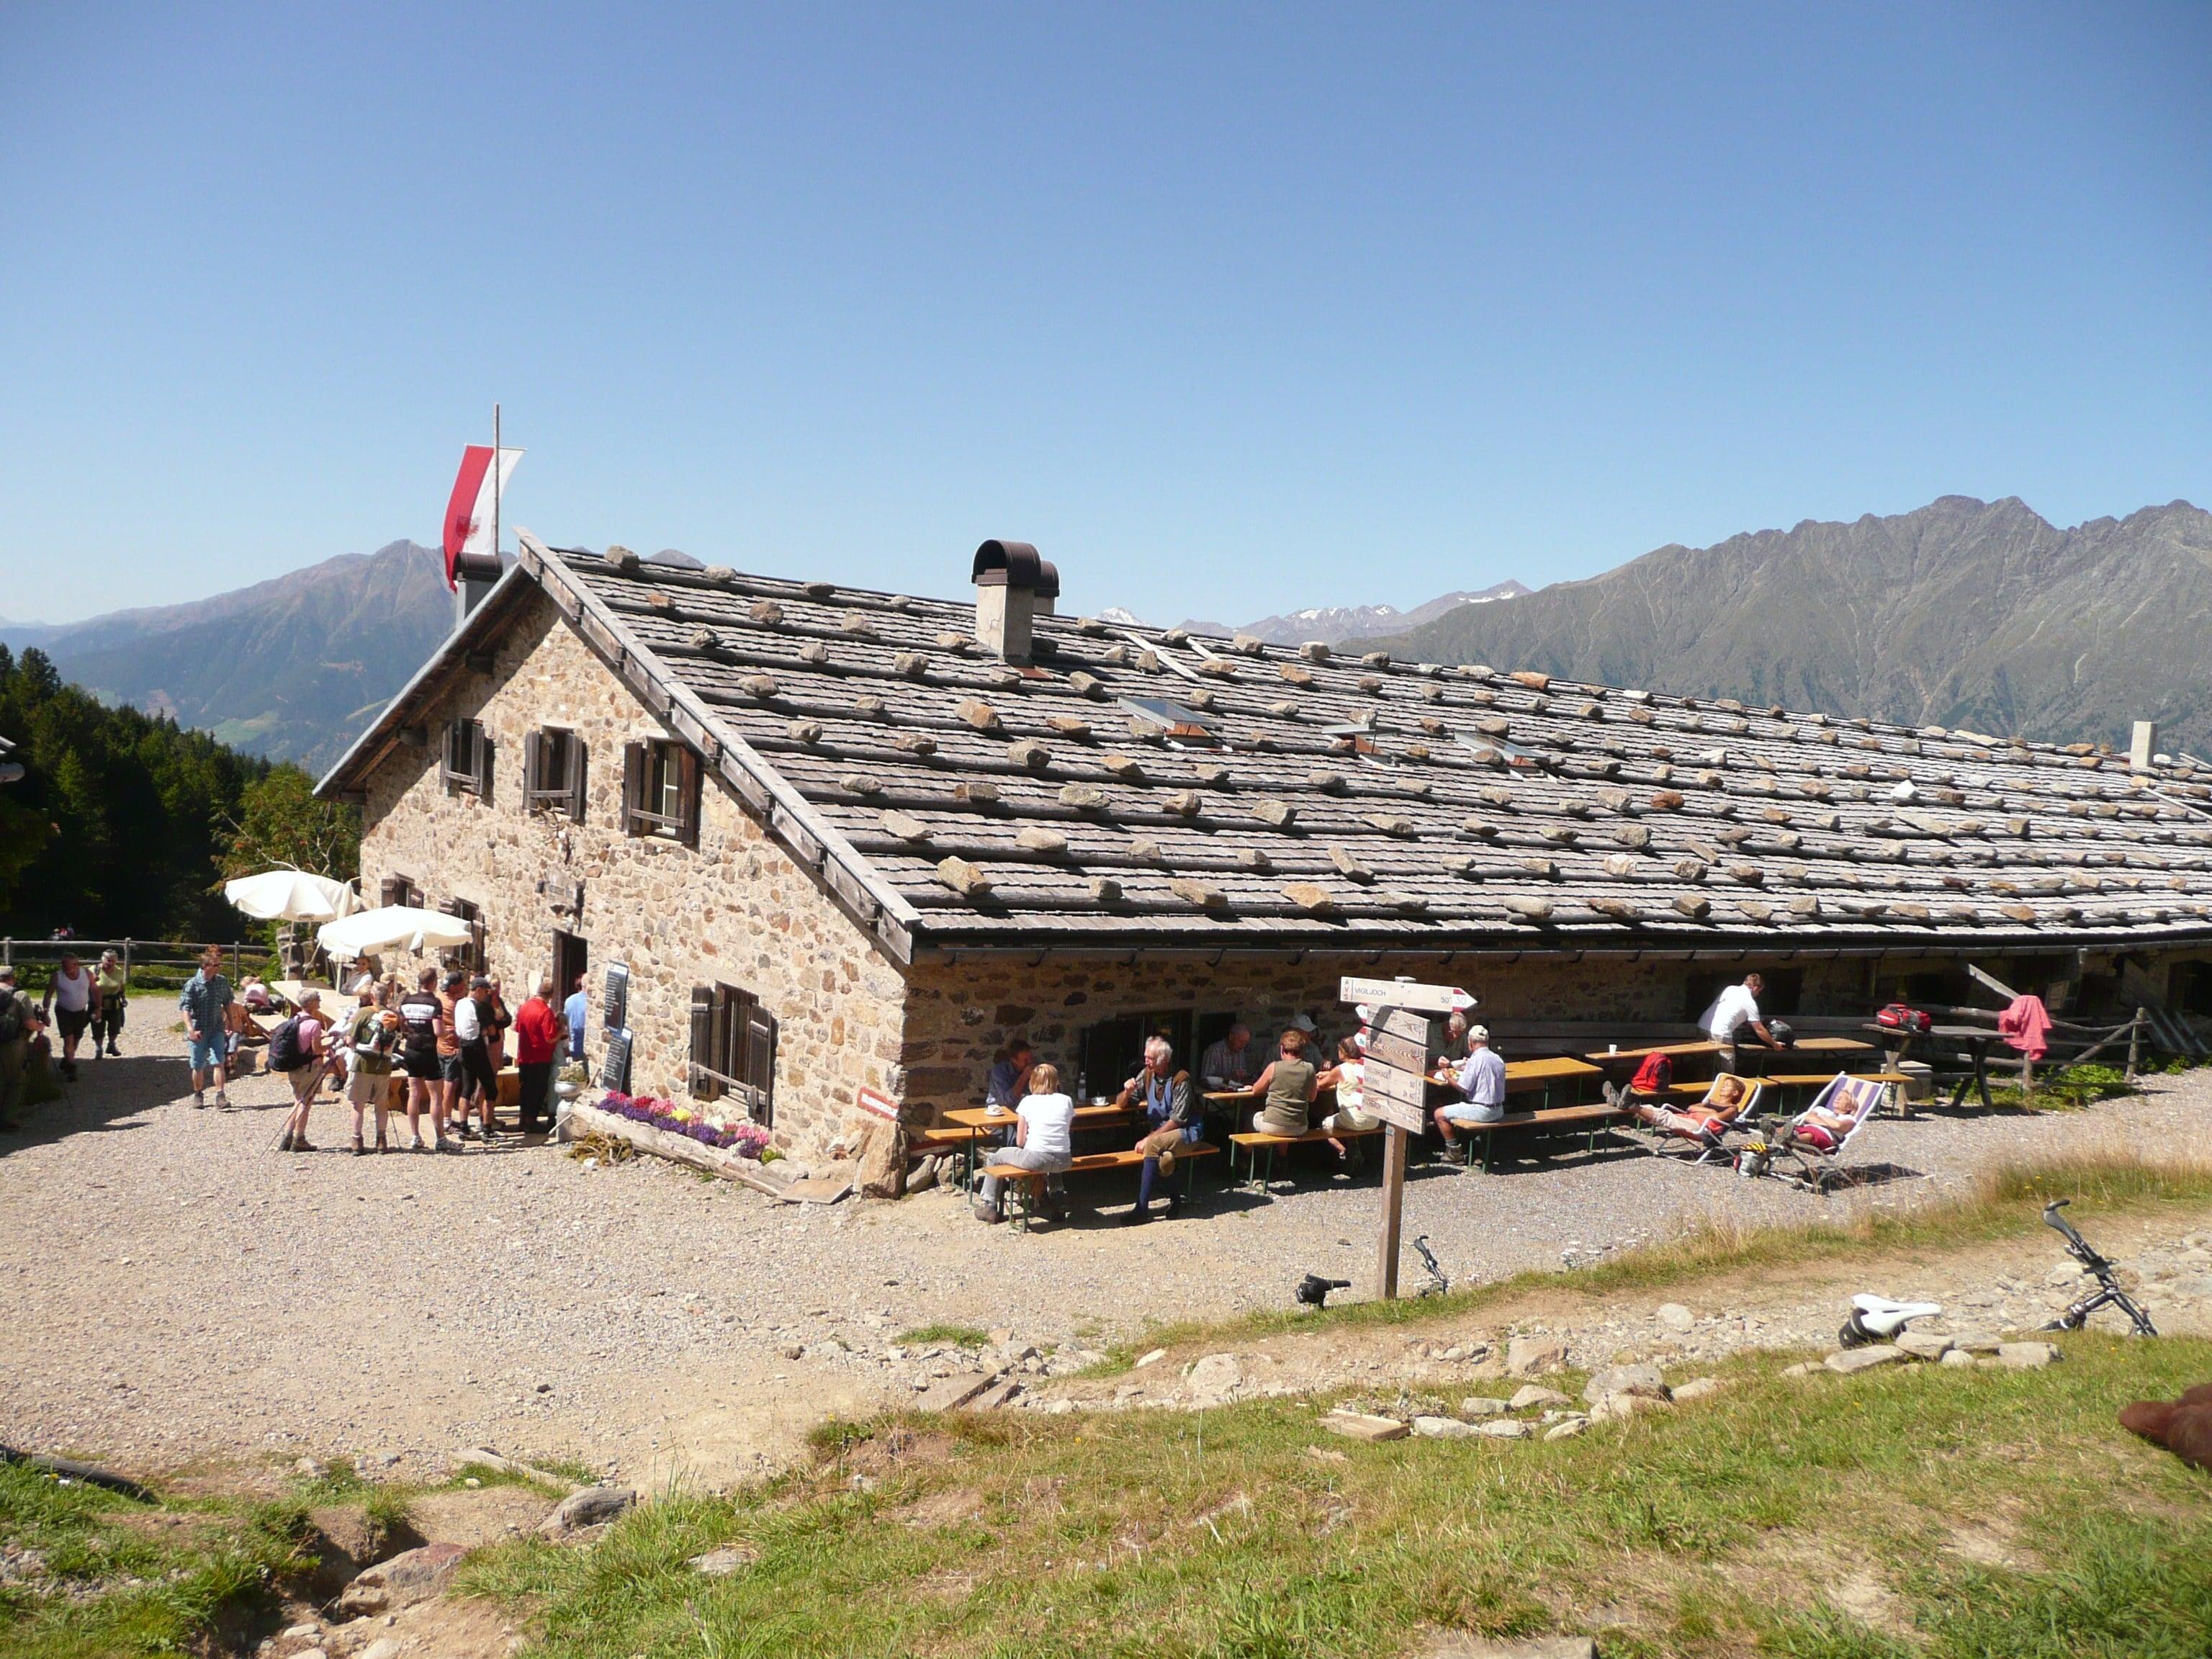 Radtour im Vinschgau - zur Naturnser Alm